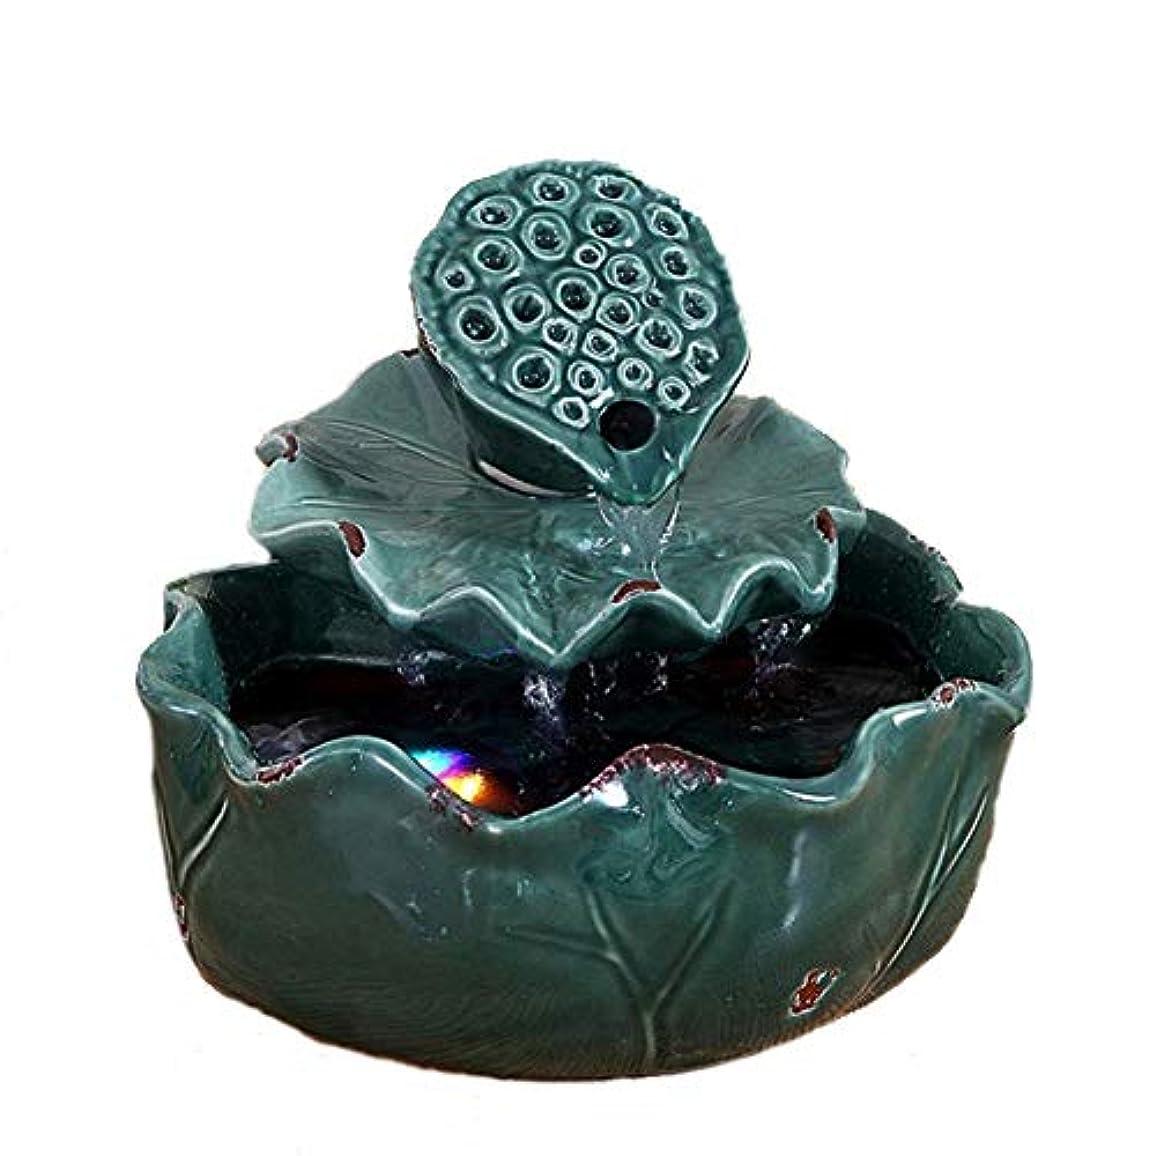 ファンネルウェブスパイダー時折屋内で空気加湿器クリエイティブロータス卓上装飾装飾セラミック工芸絶妙なギフト